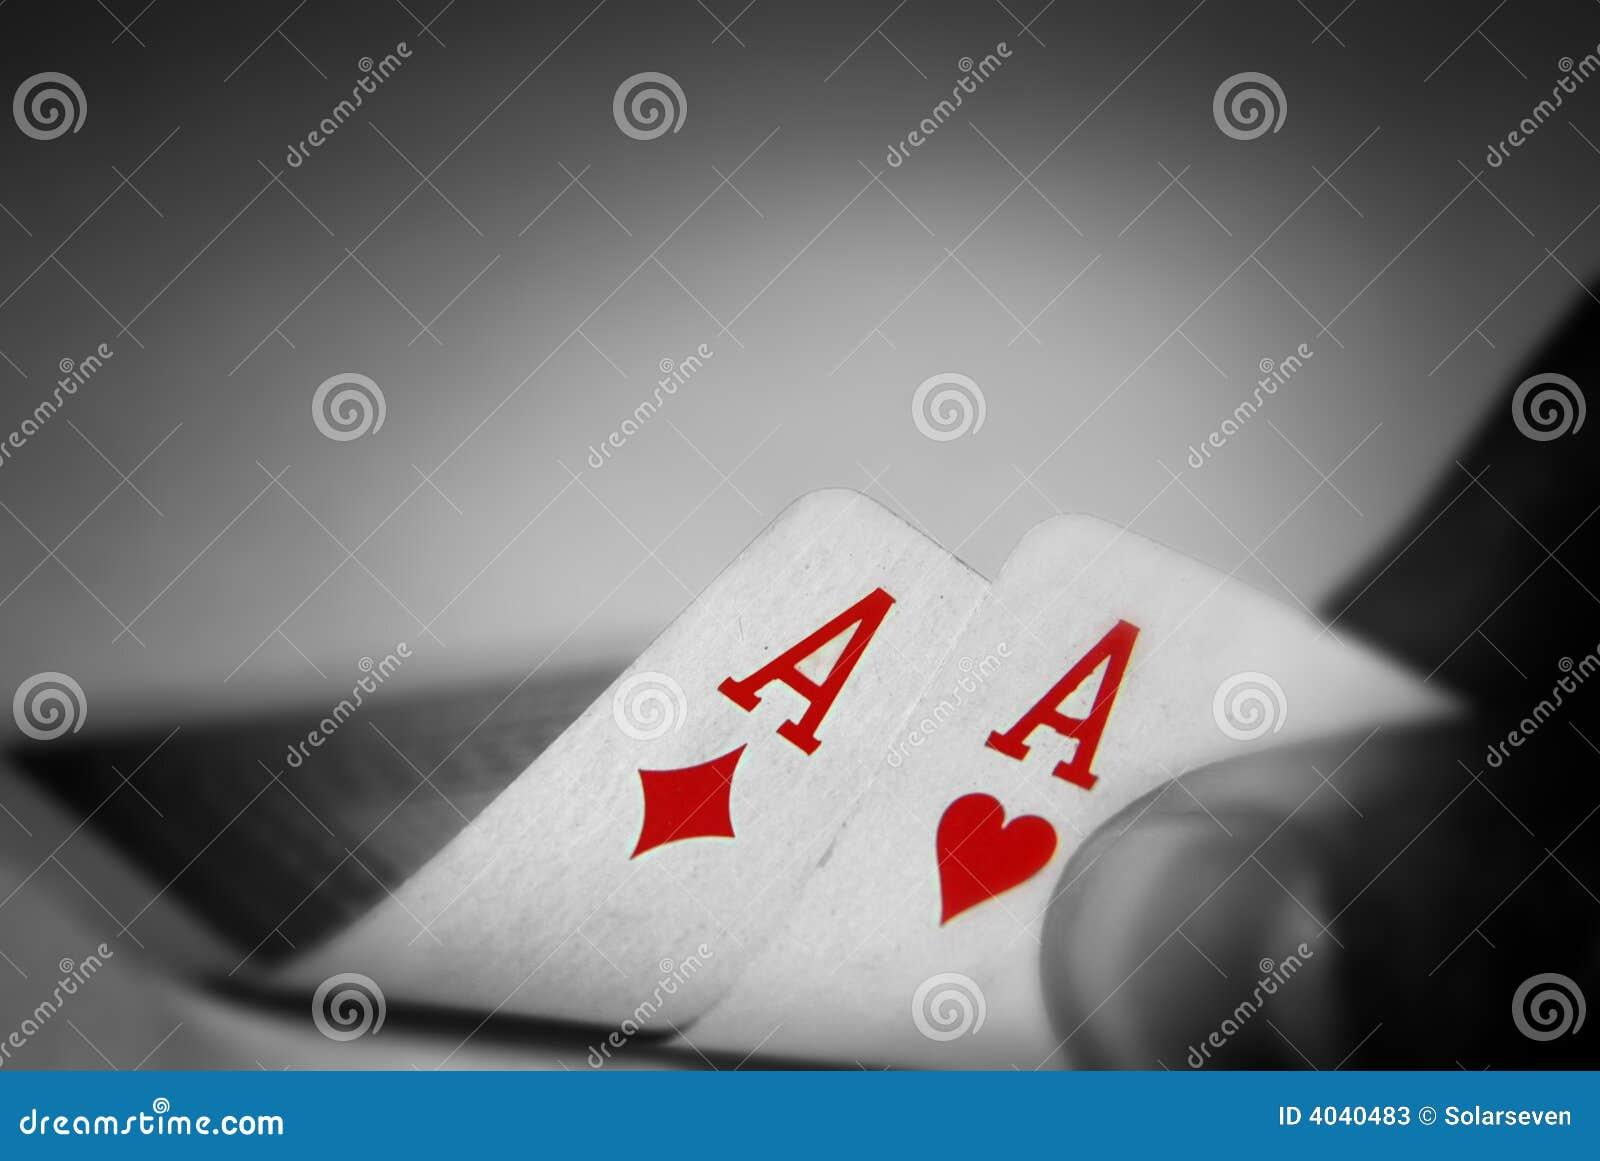 Sprawdź w pokera.